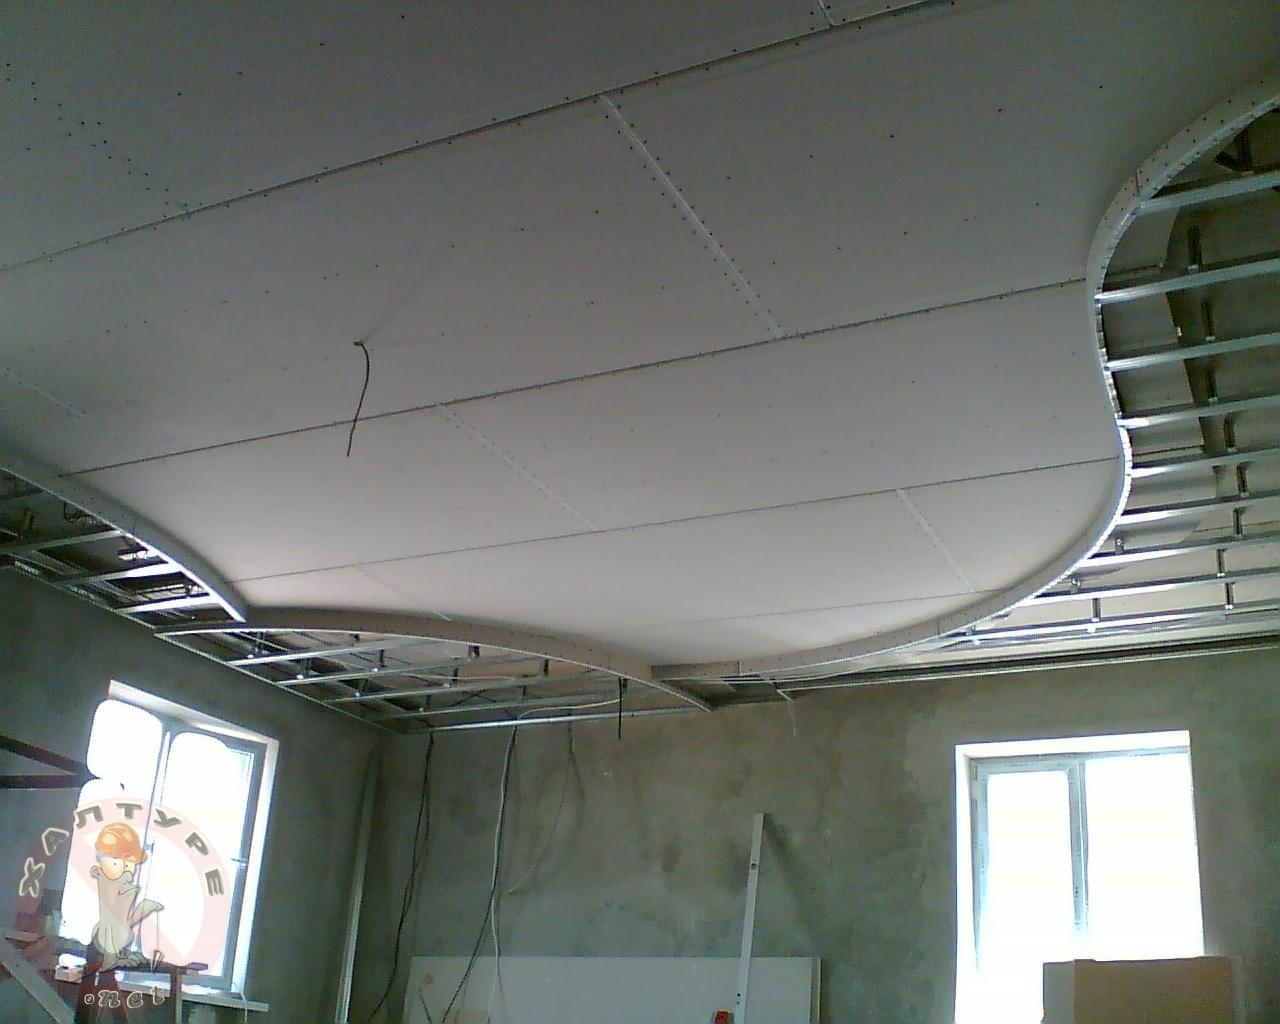 предполагают, что как сделать навесной потолок своими руками фото расстояние